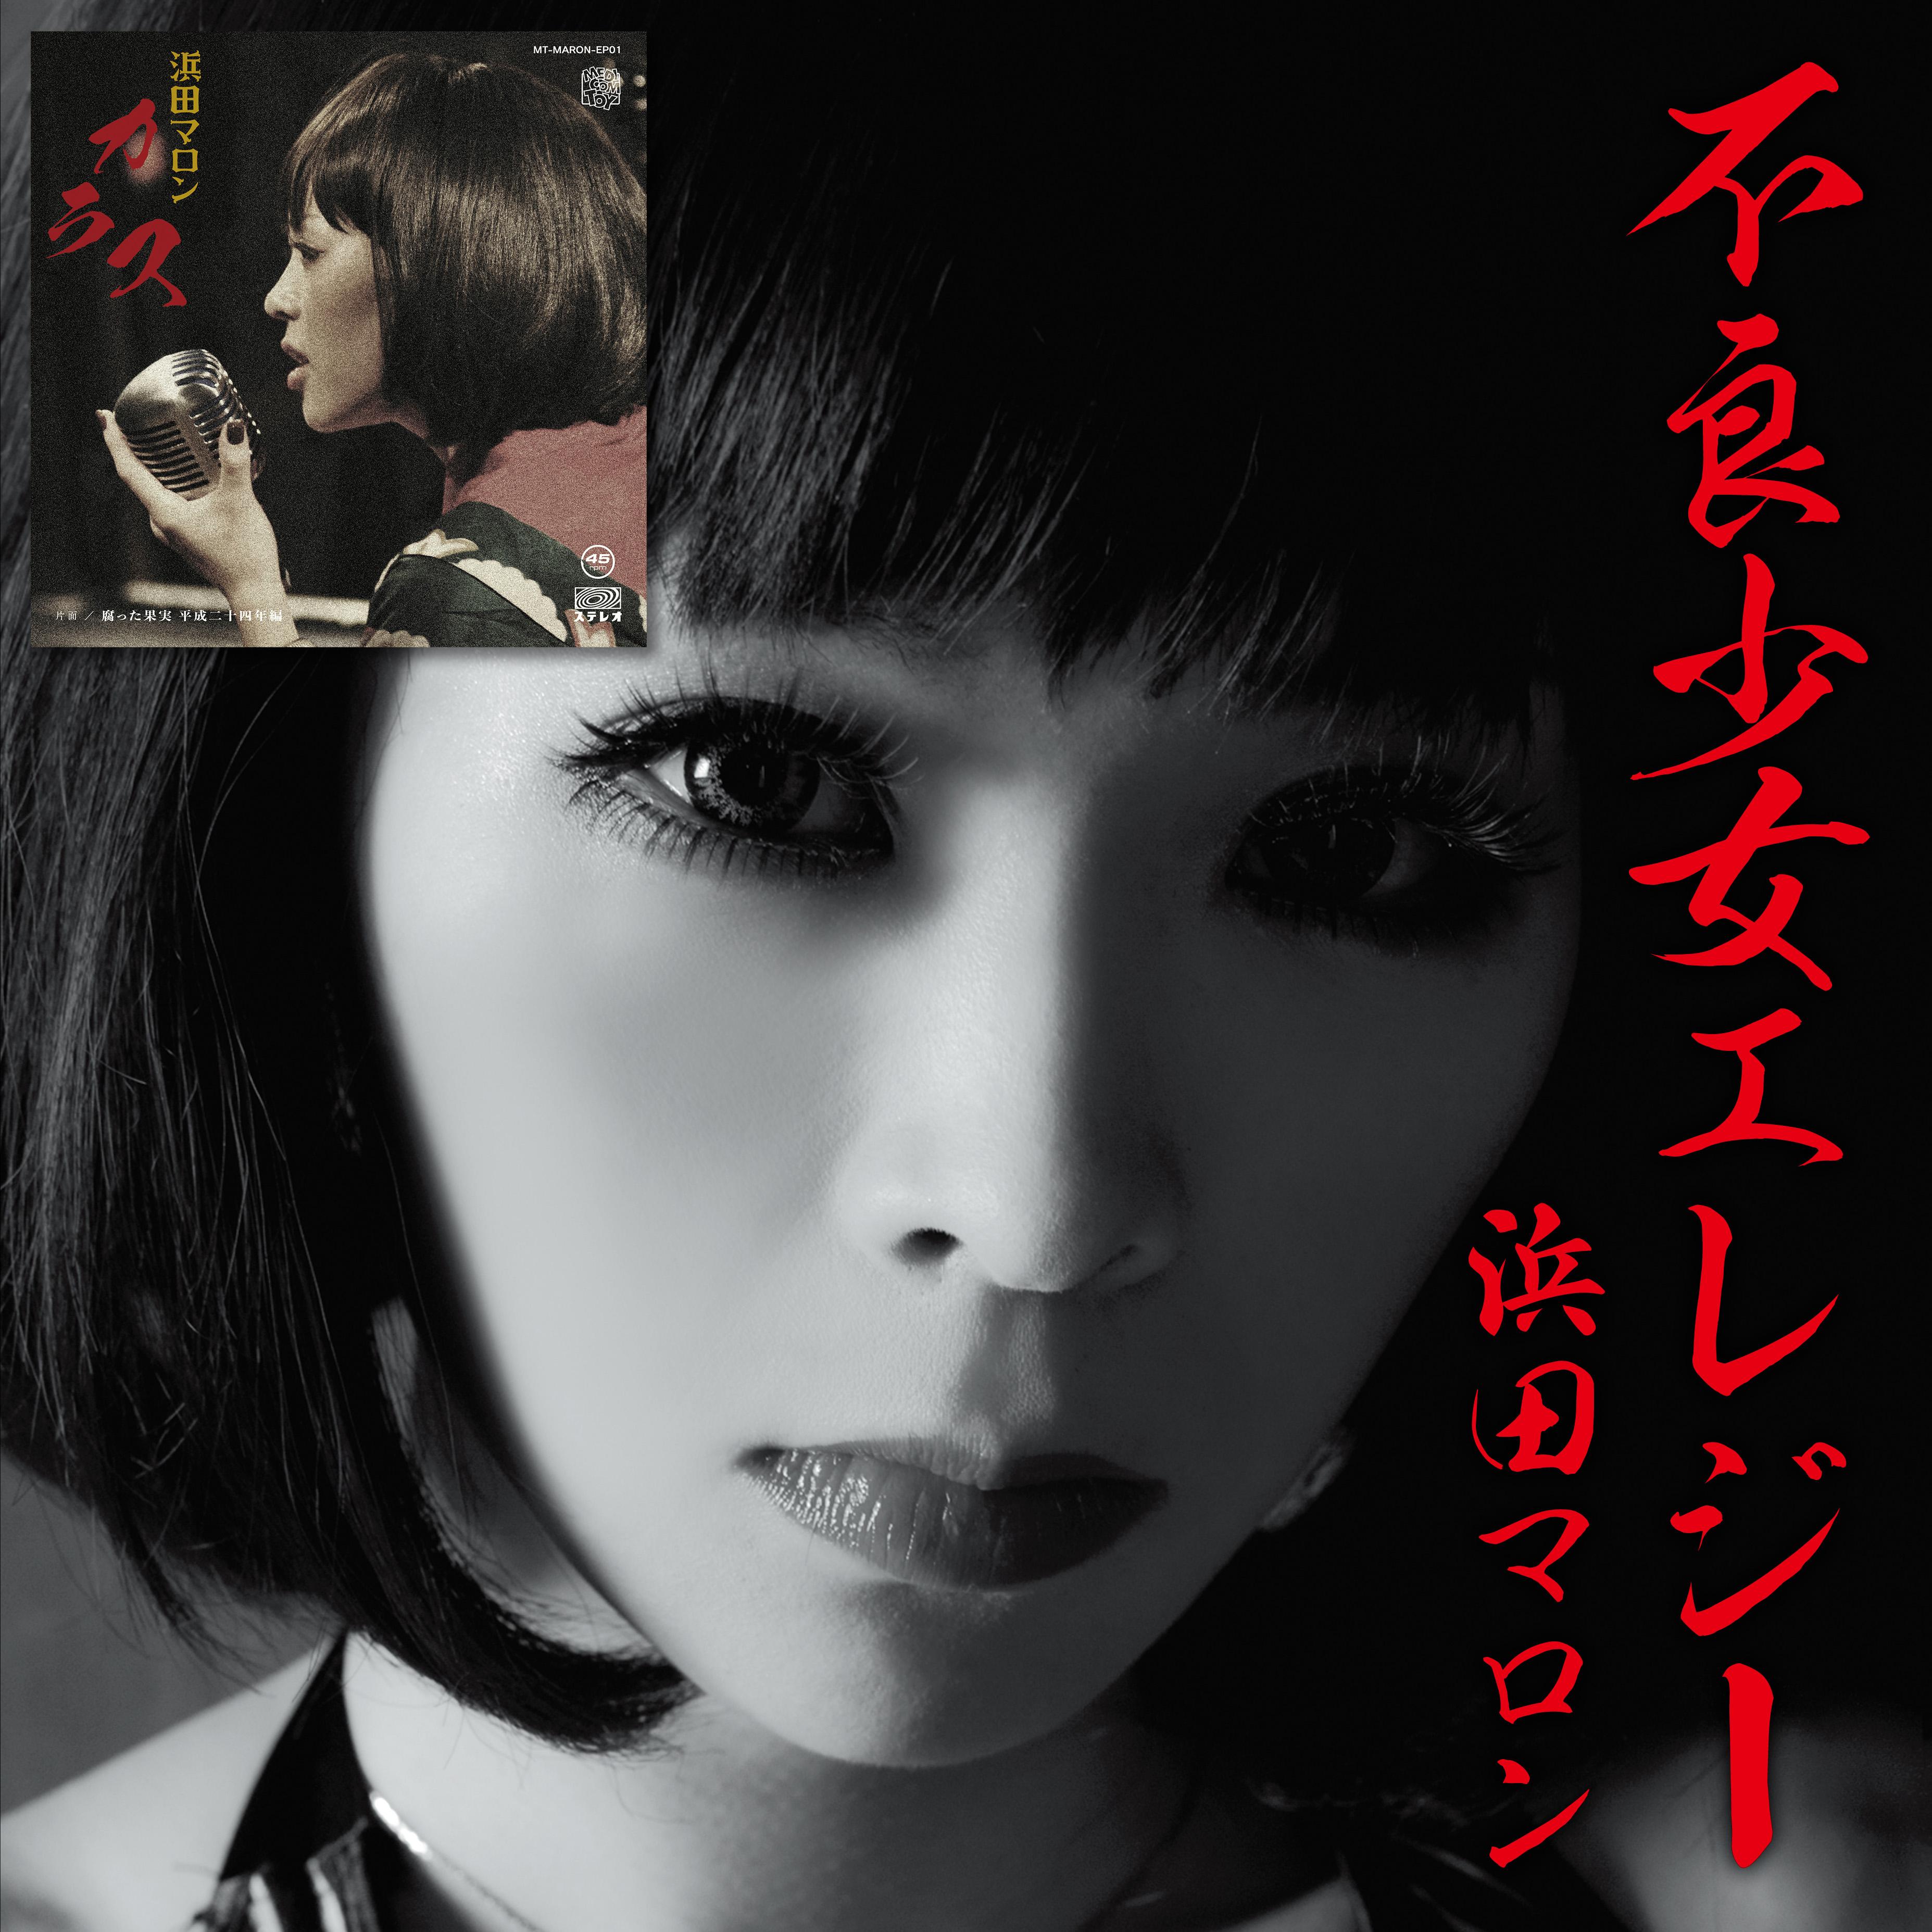 072_浜田マロン不良少女エレジー DX